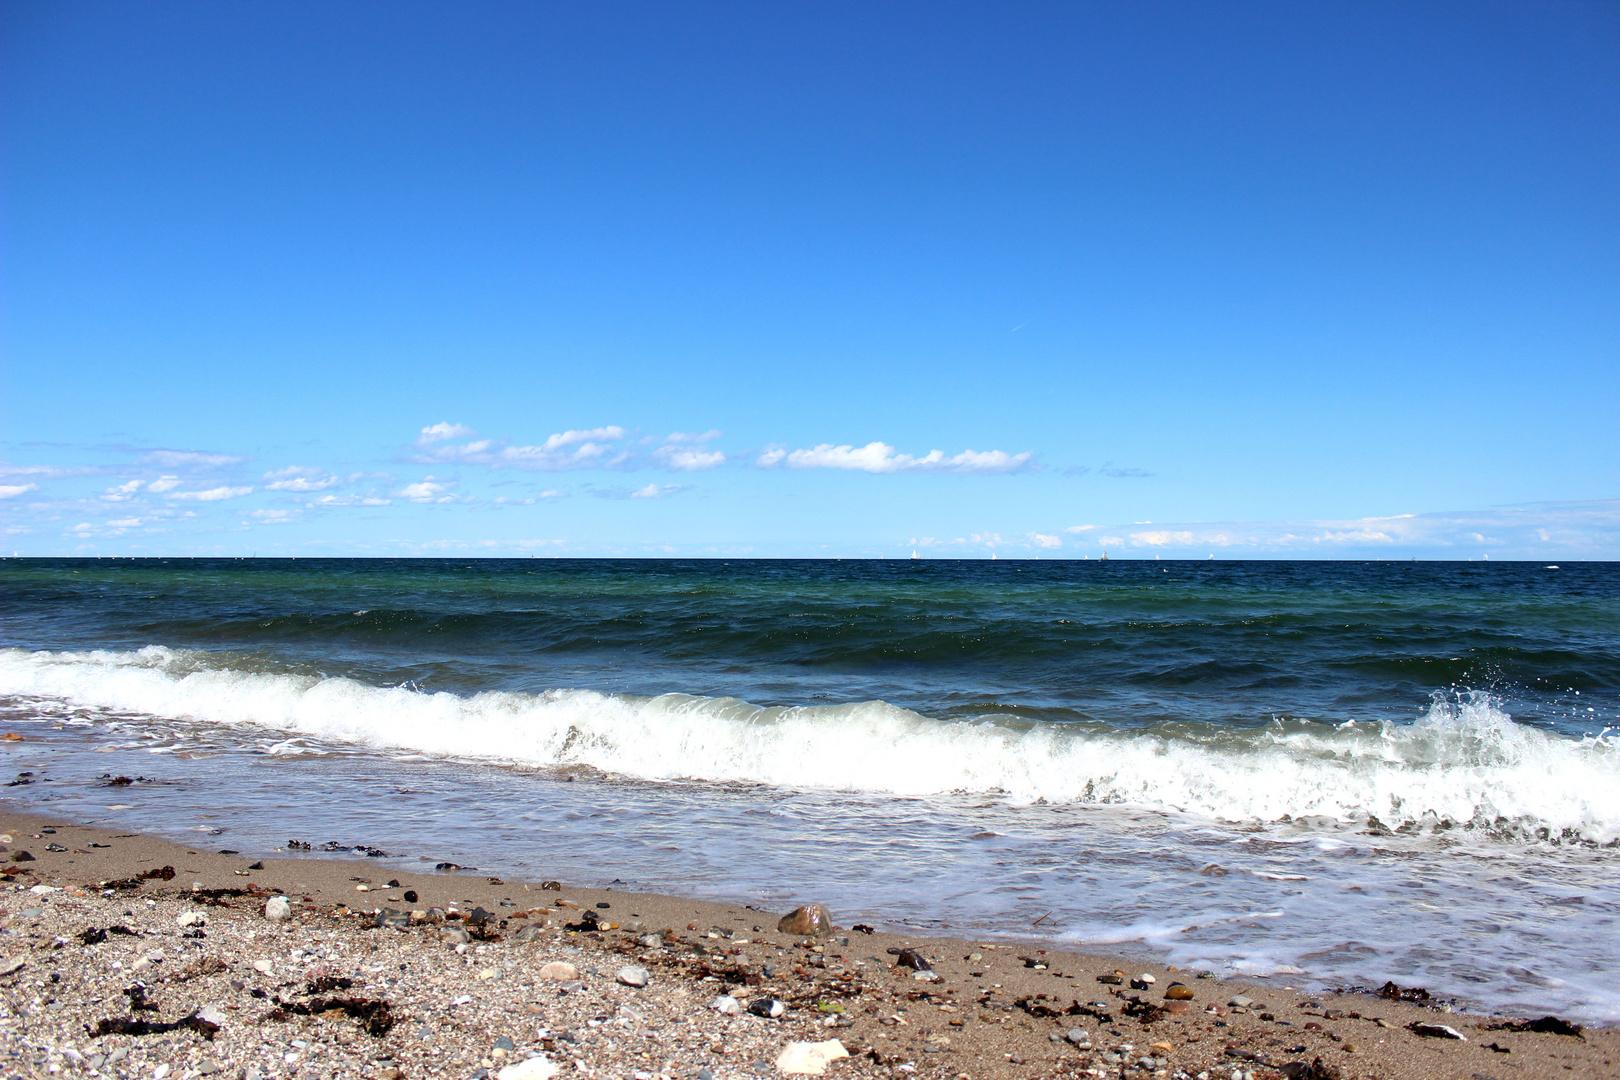 Meeresrauschen in Klein-Waabs II